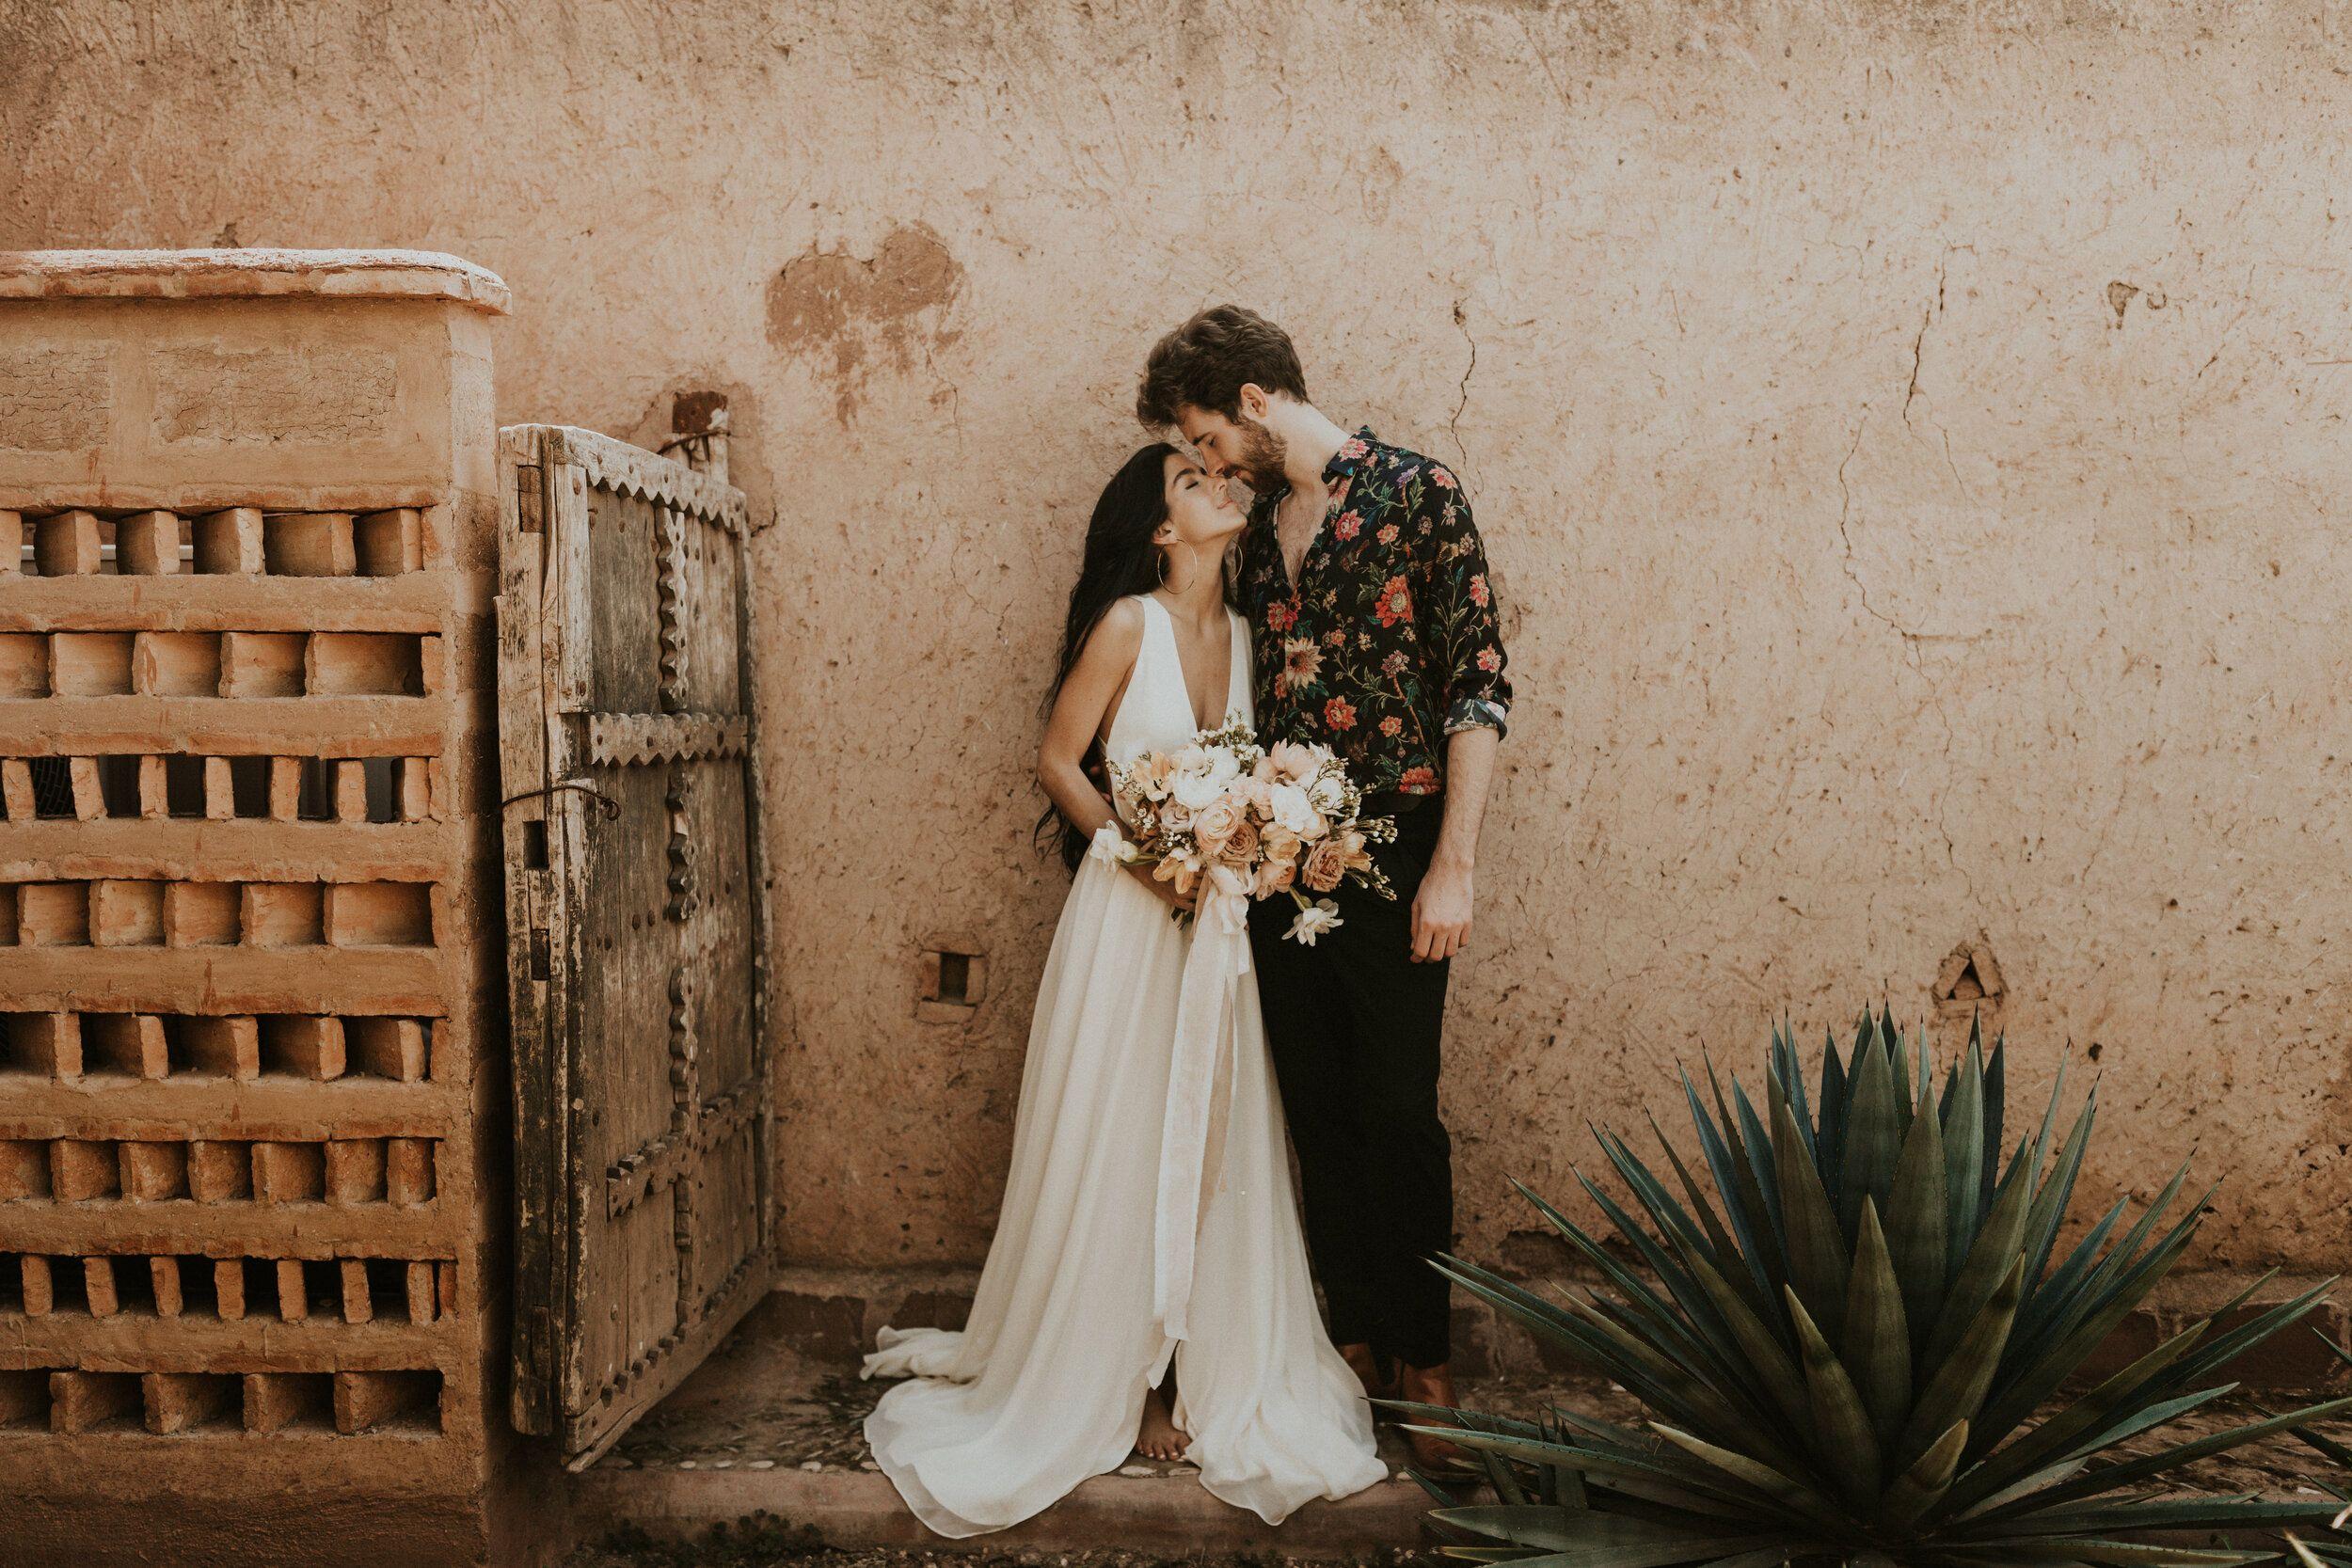 Should I postpone my wedding? in 2020 My wedding